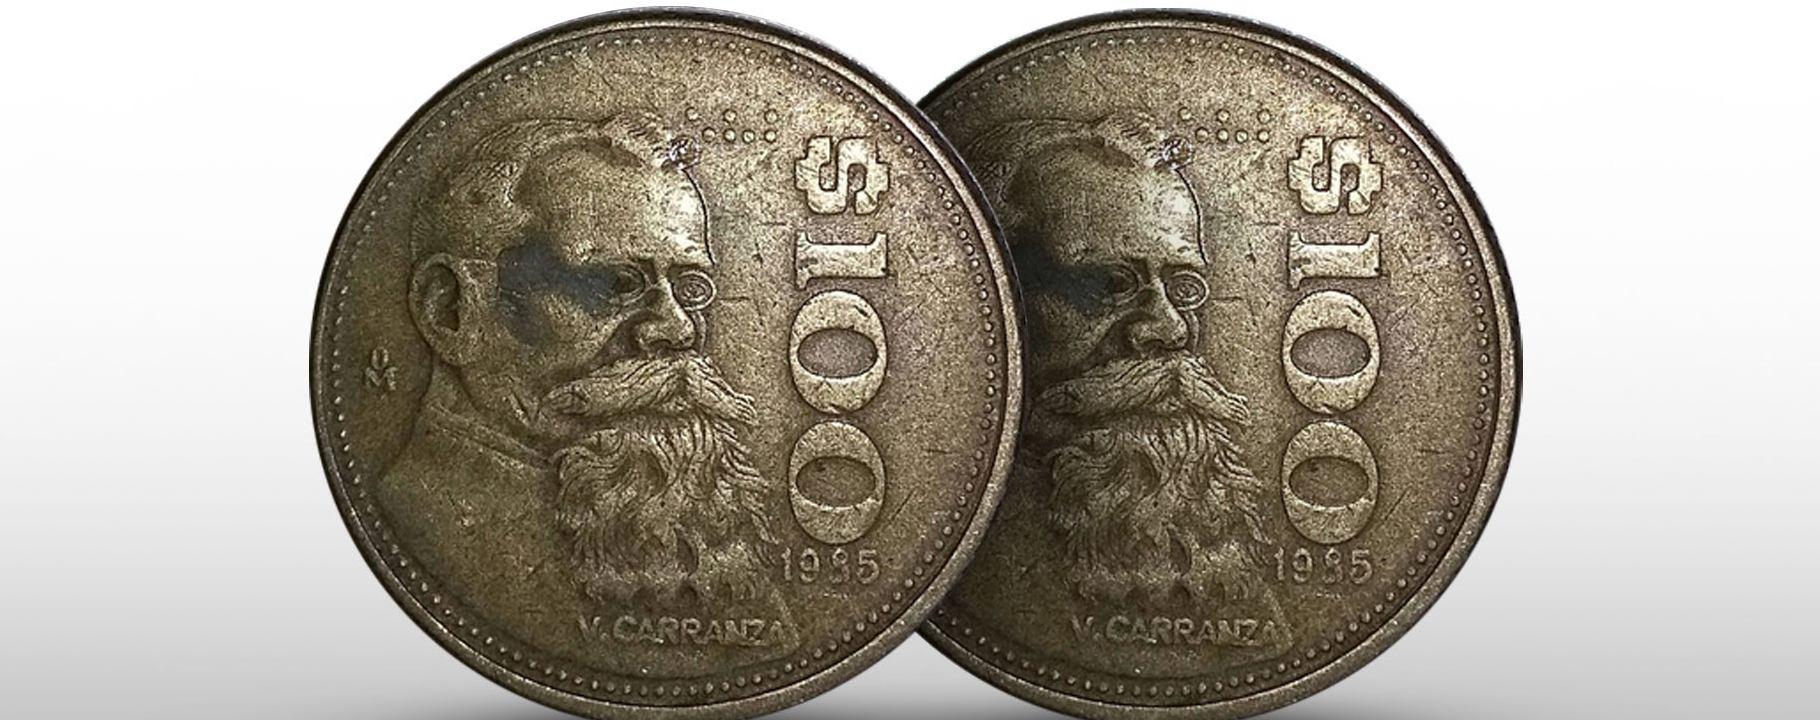 Monedas a la venta en más de 30 mil pesos